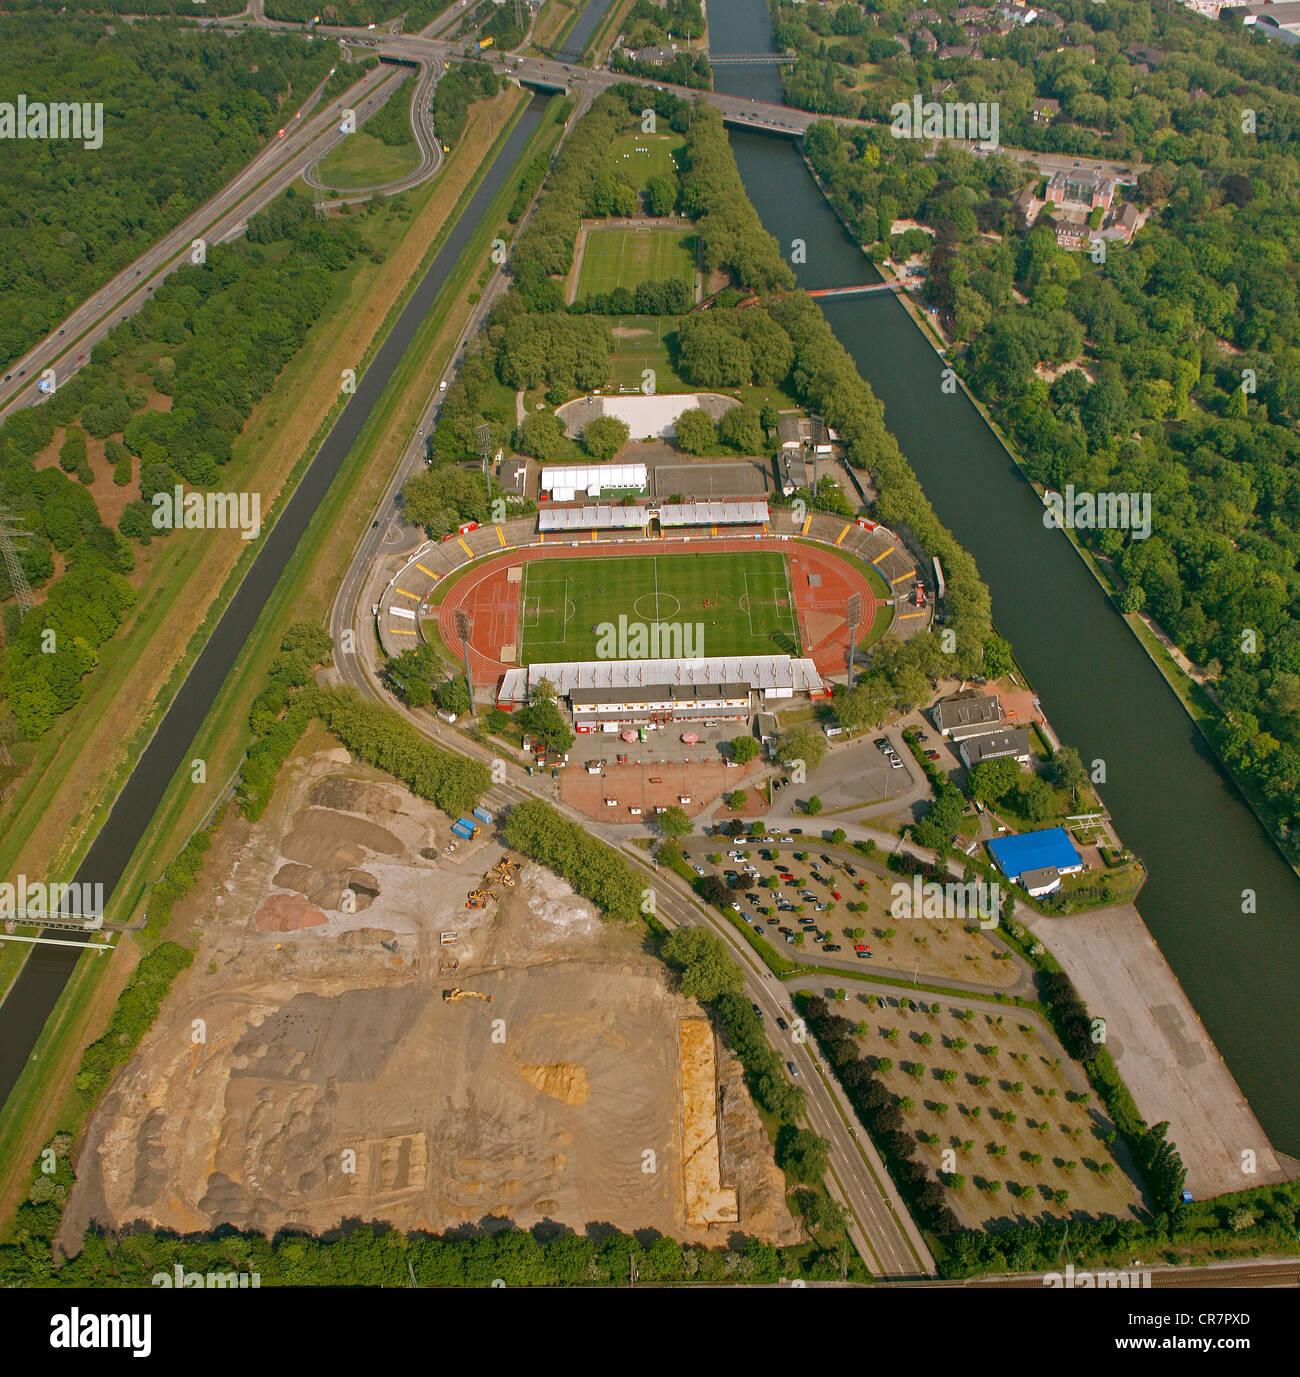 Aerial view, Niederrheinstadion stadium, Oberhausen, Ruhr area, North Rhine-Westphalia, Germany, Europe - Stock Image